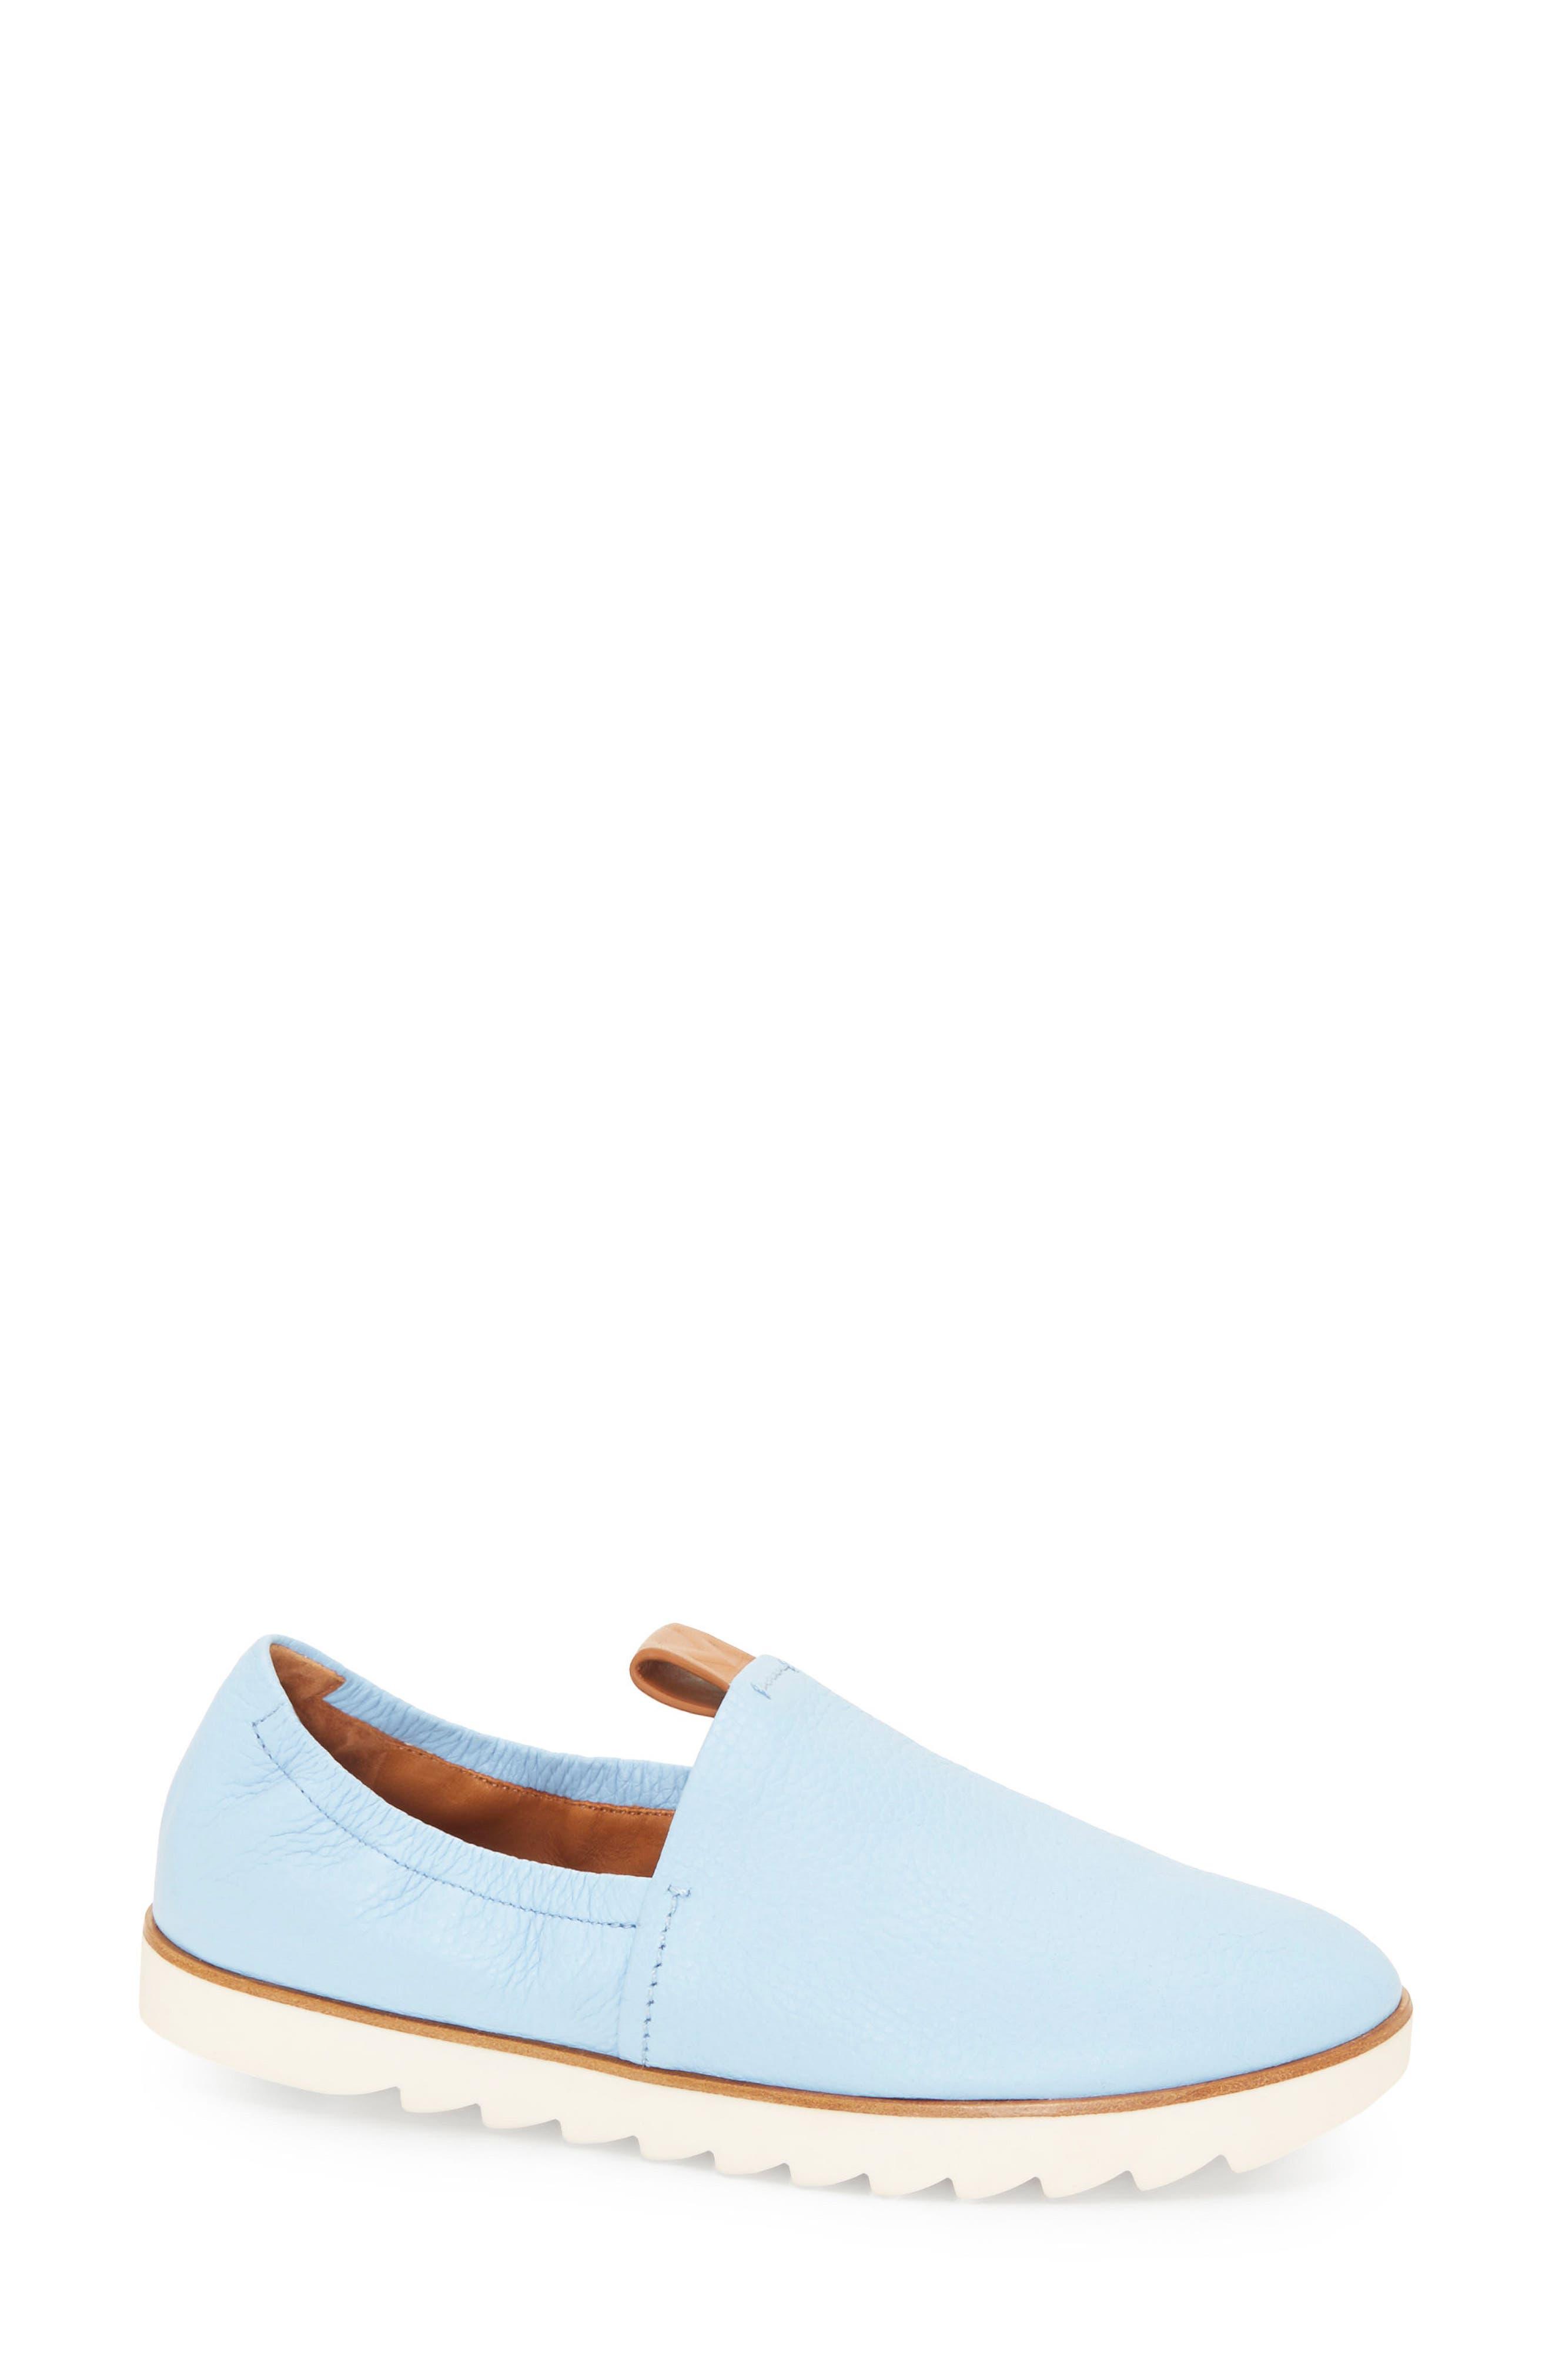 Alternate Image 1 Selected - Mercedes Castillo Clelia Slip-On Sneaker (Women)